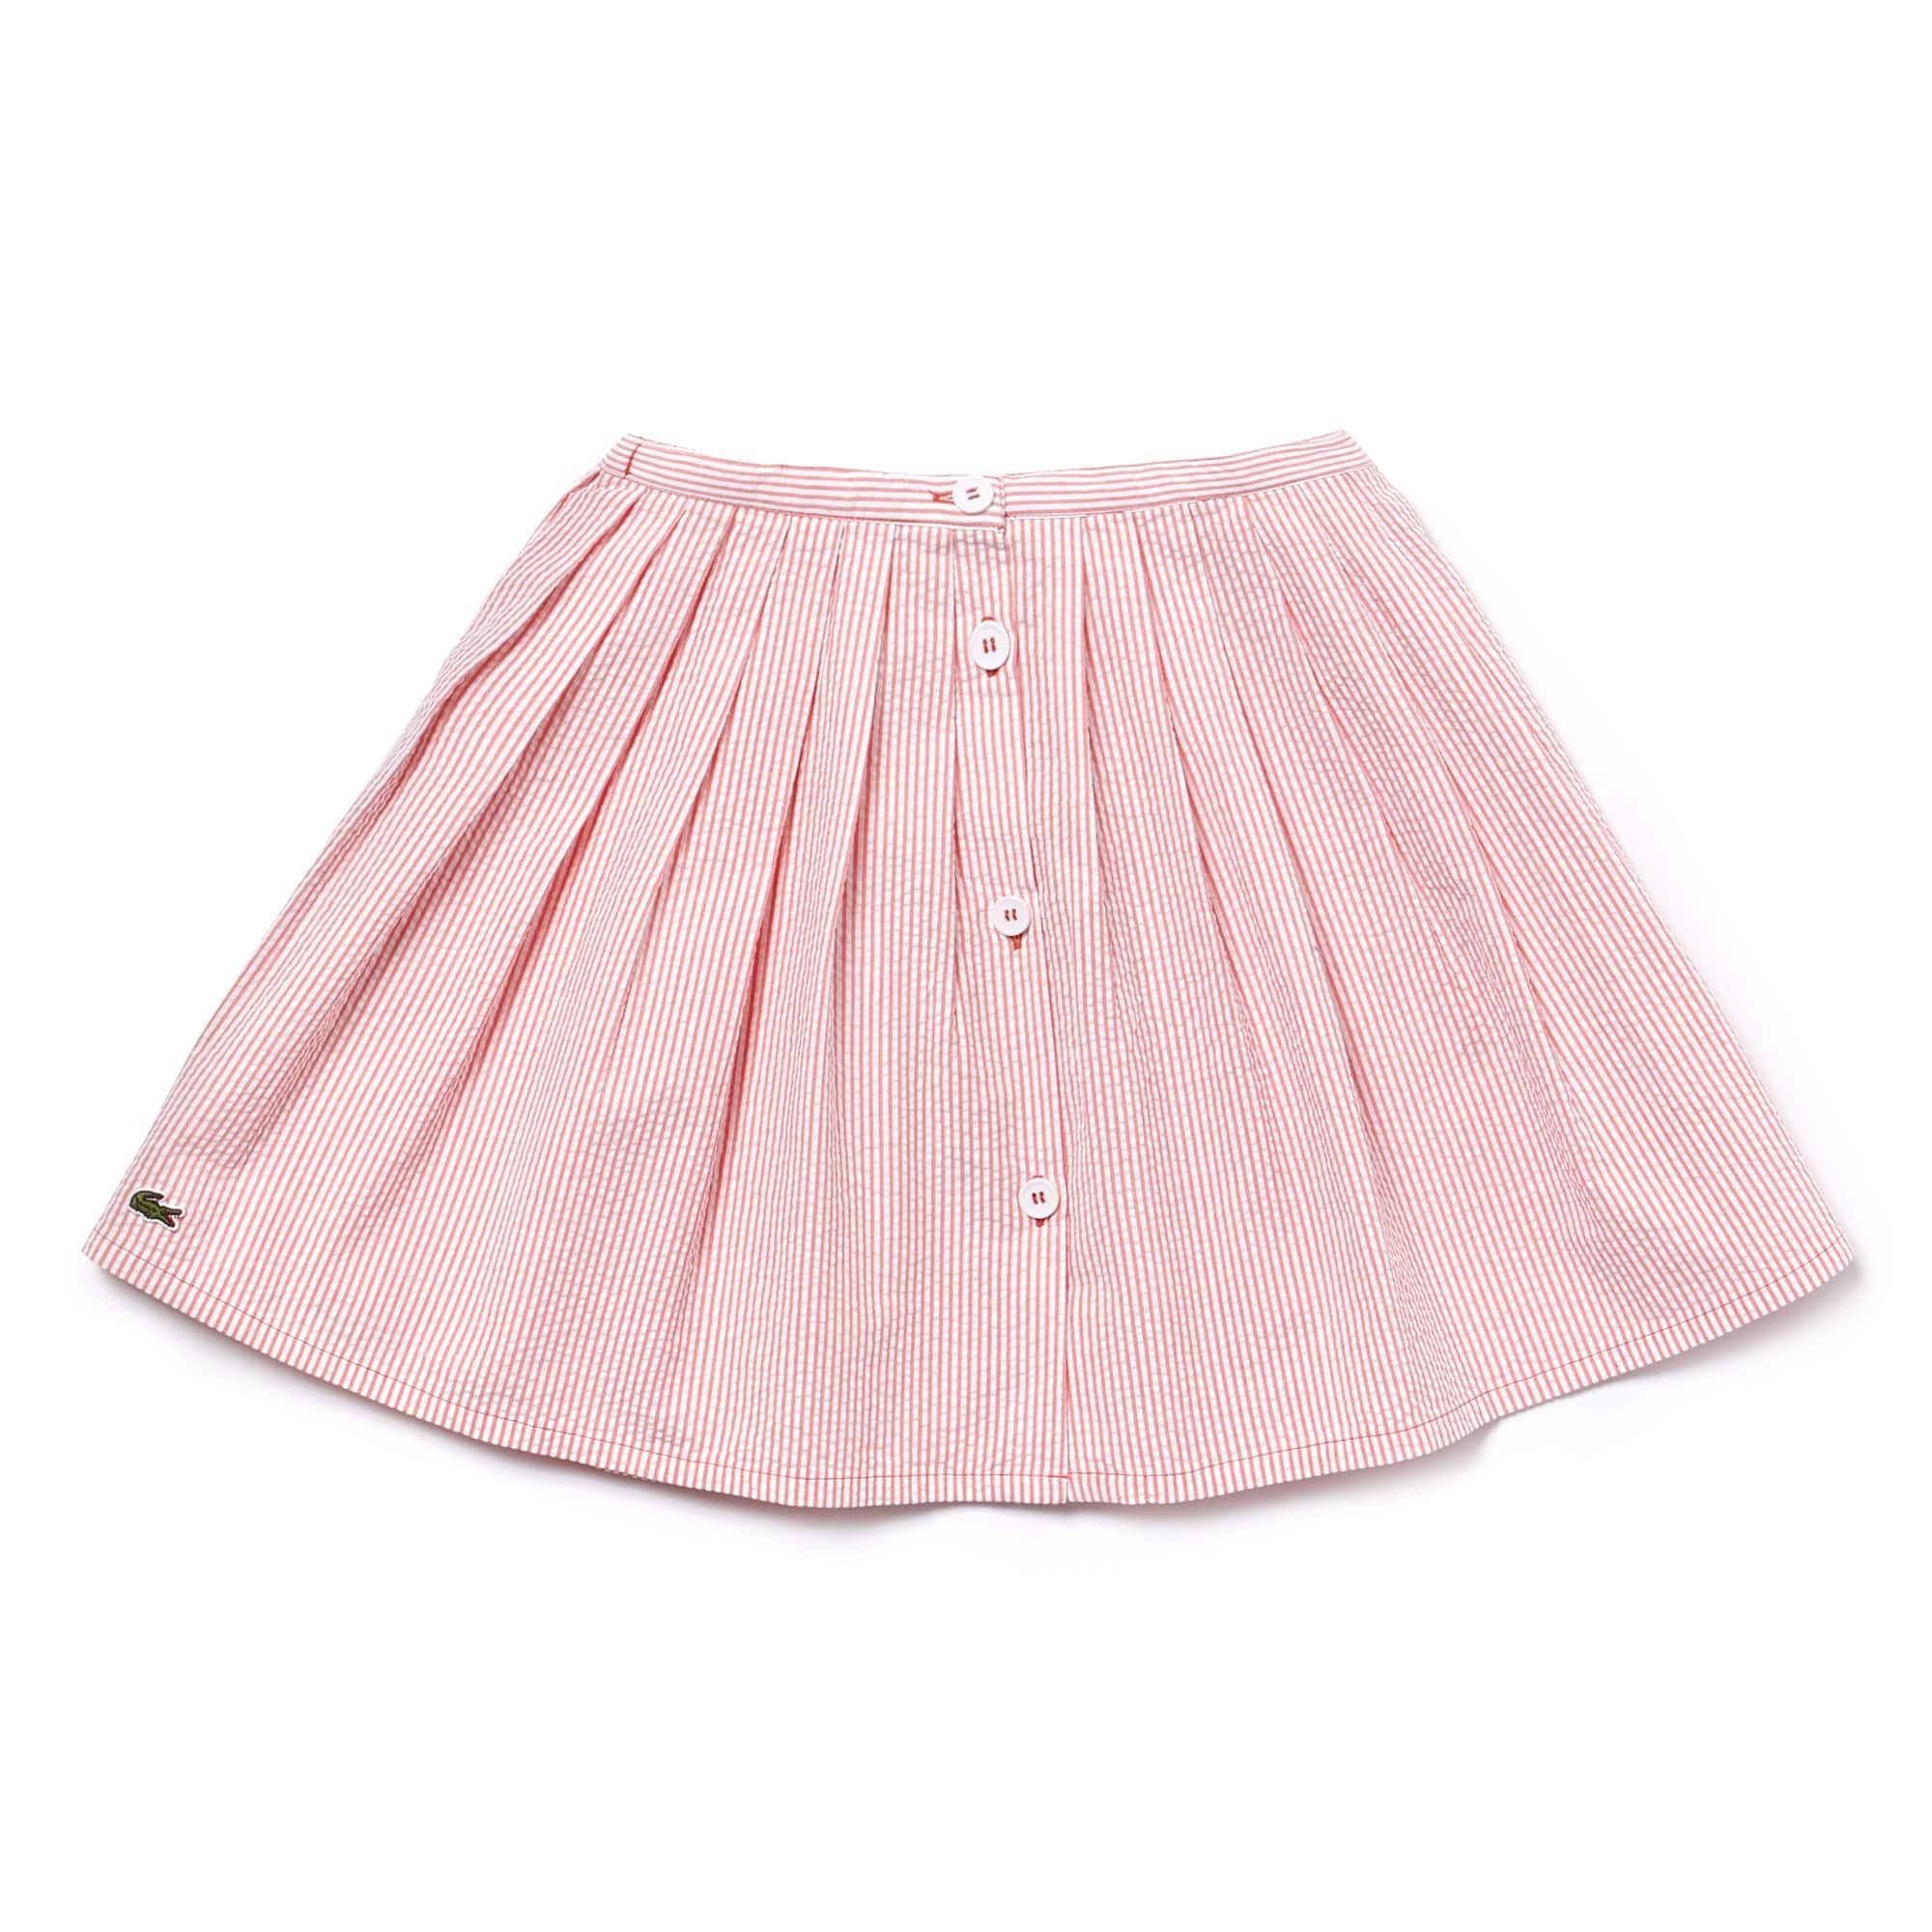 Falda plisada de chica en seersucker de algodón